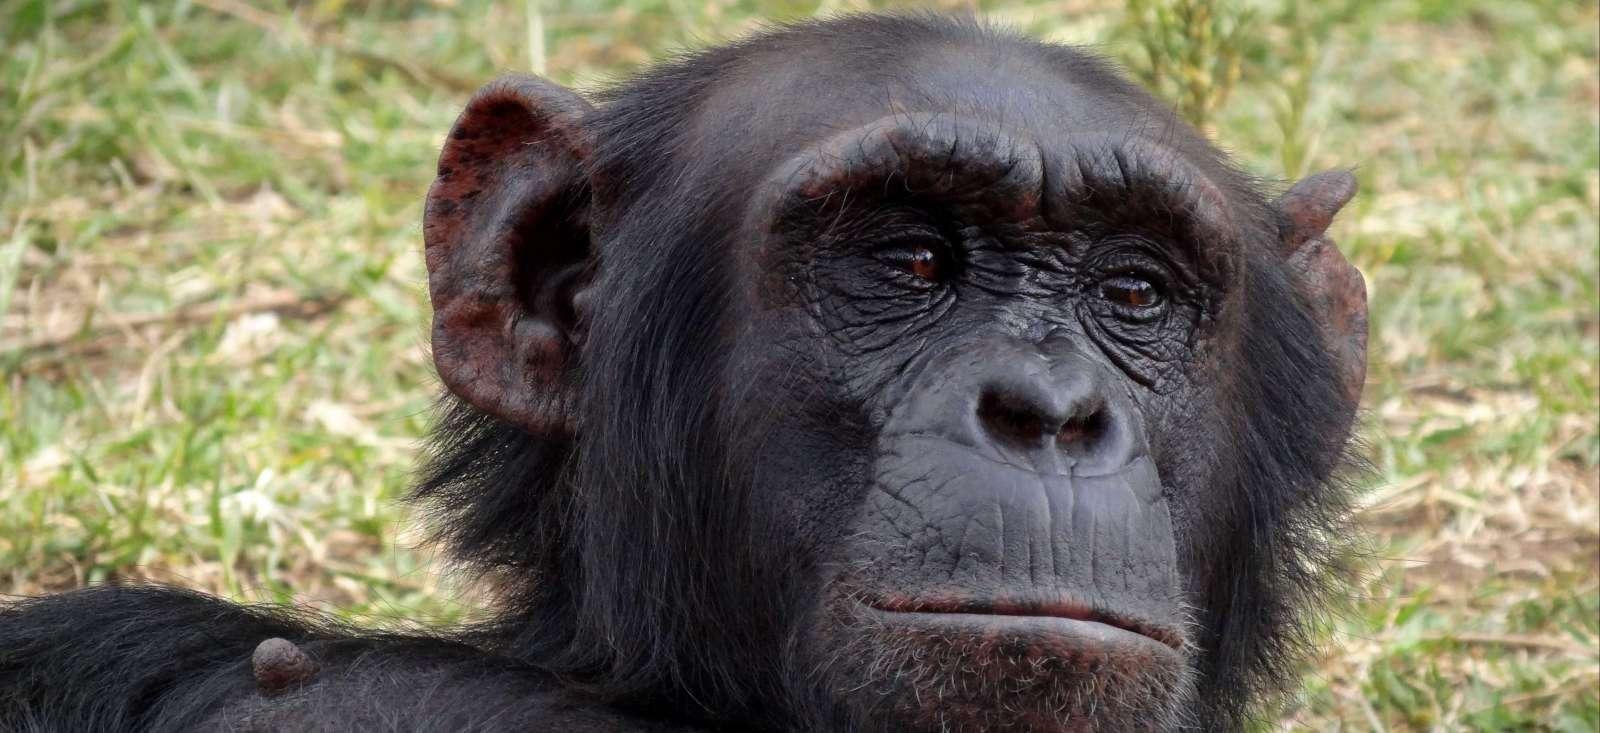 Voyage à pied : Daktari, Lions et Chimpanzés au Kenya